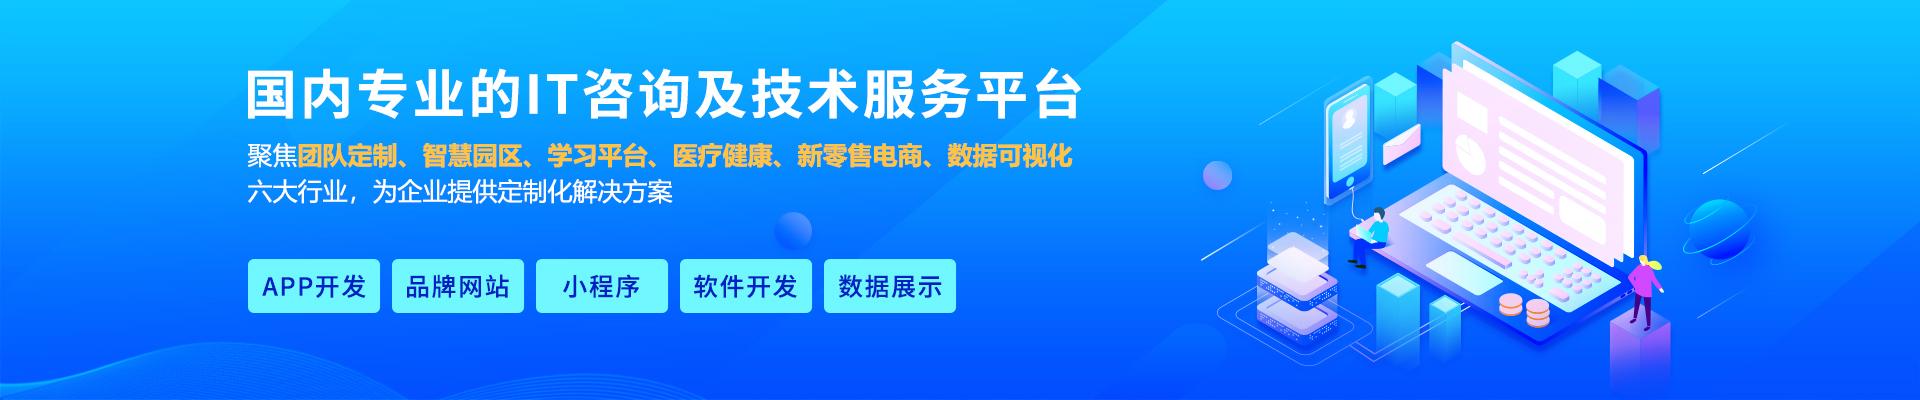 上海艾藝信息技術有限公司公司介紹